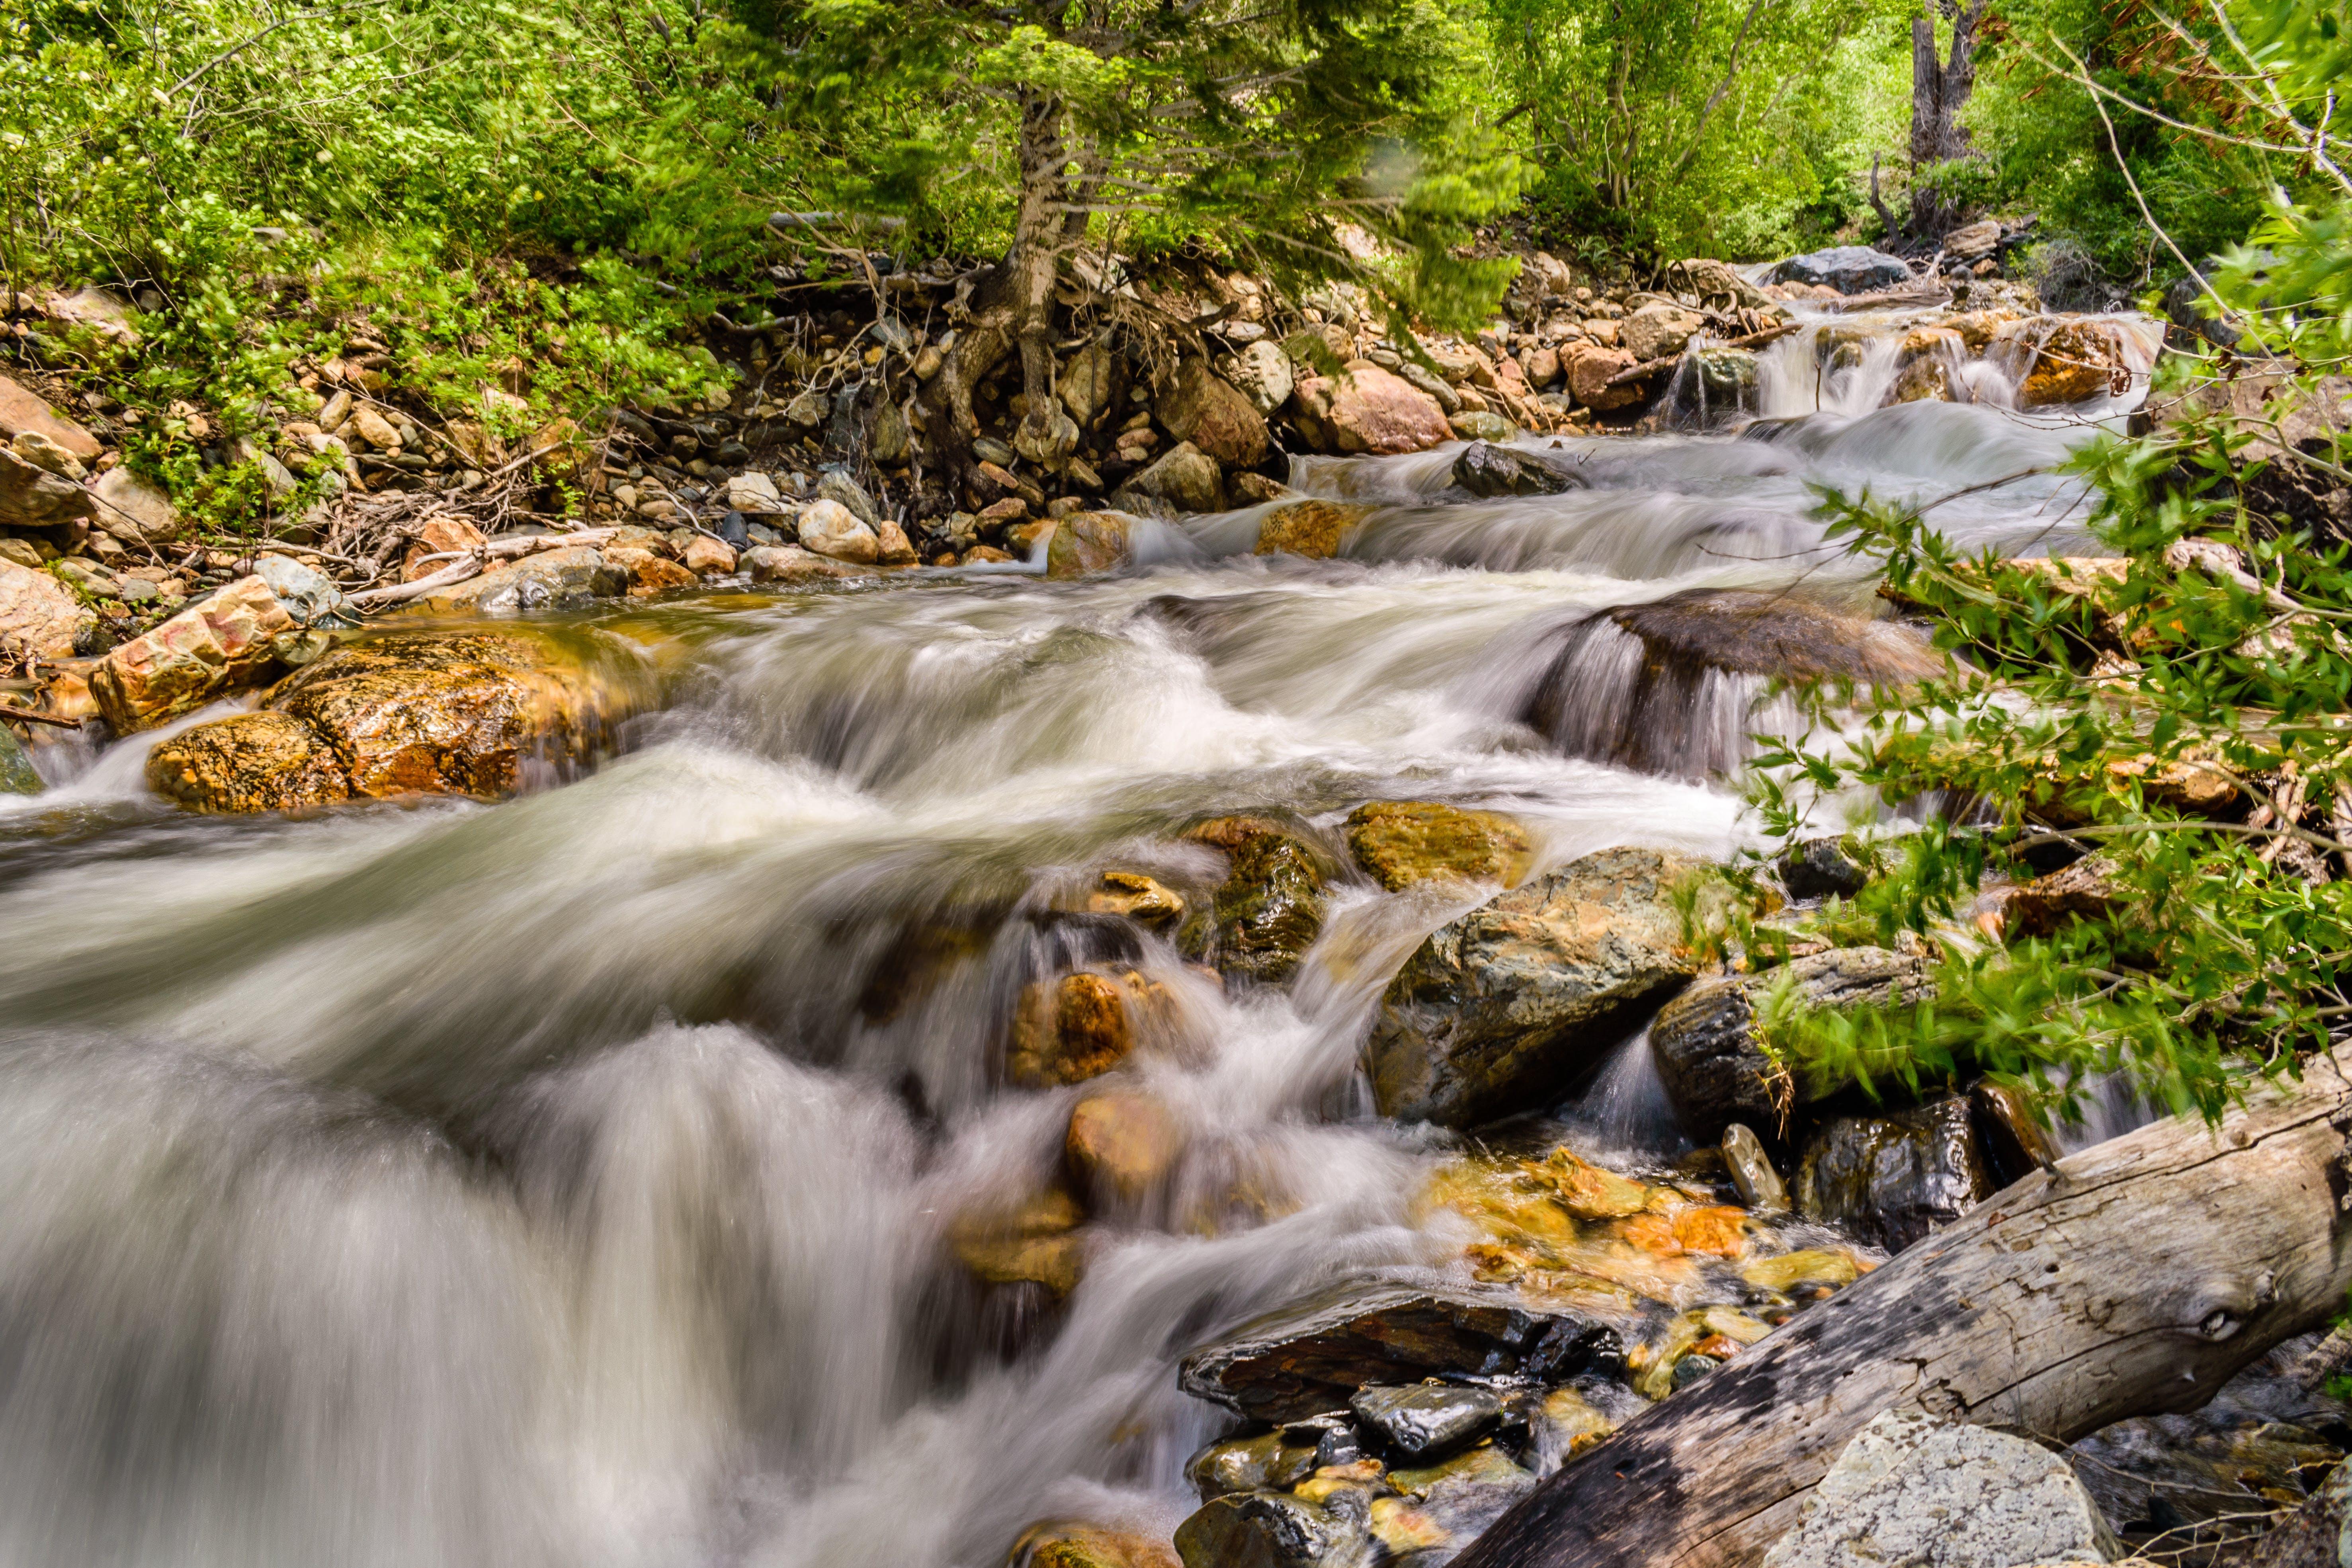 Immagine gratuita di acqua, alberi, all'aperto, bellissimo